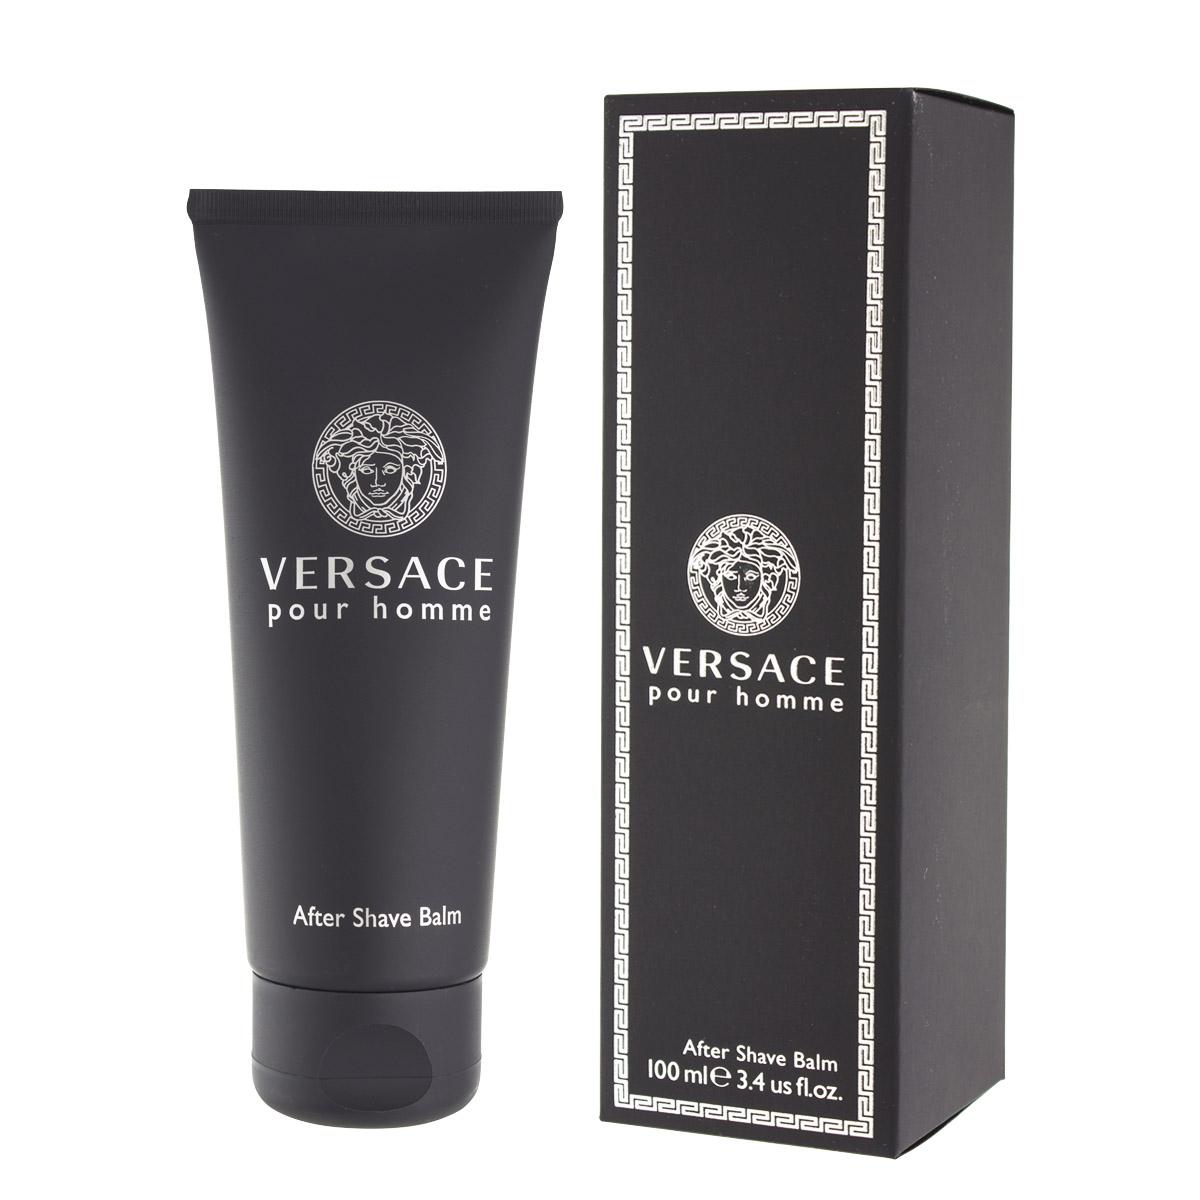 Versace Pour Homme ASB 100 ml M